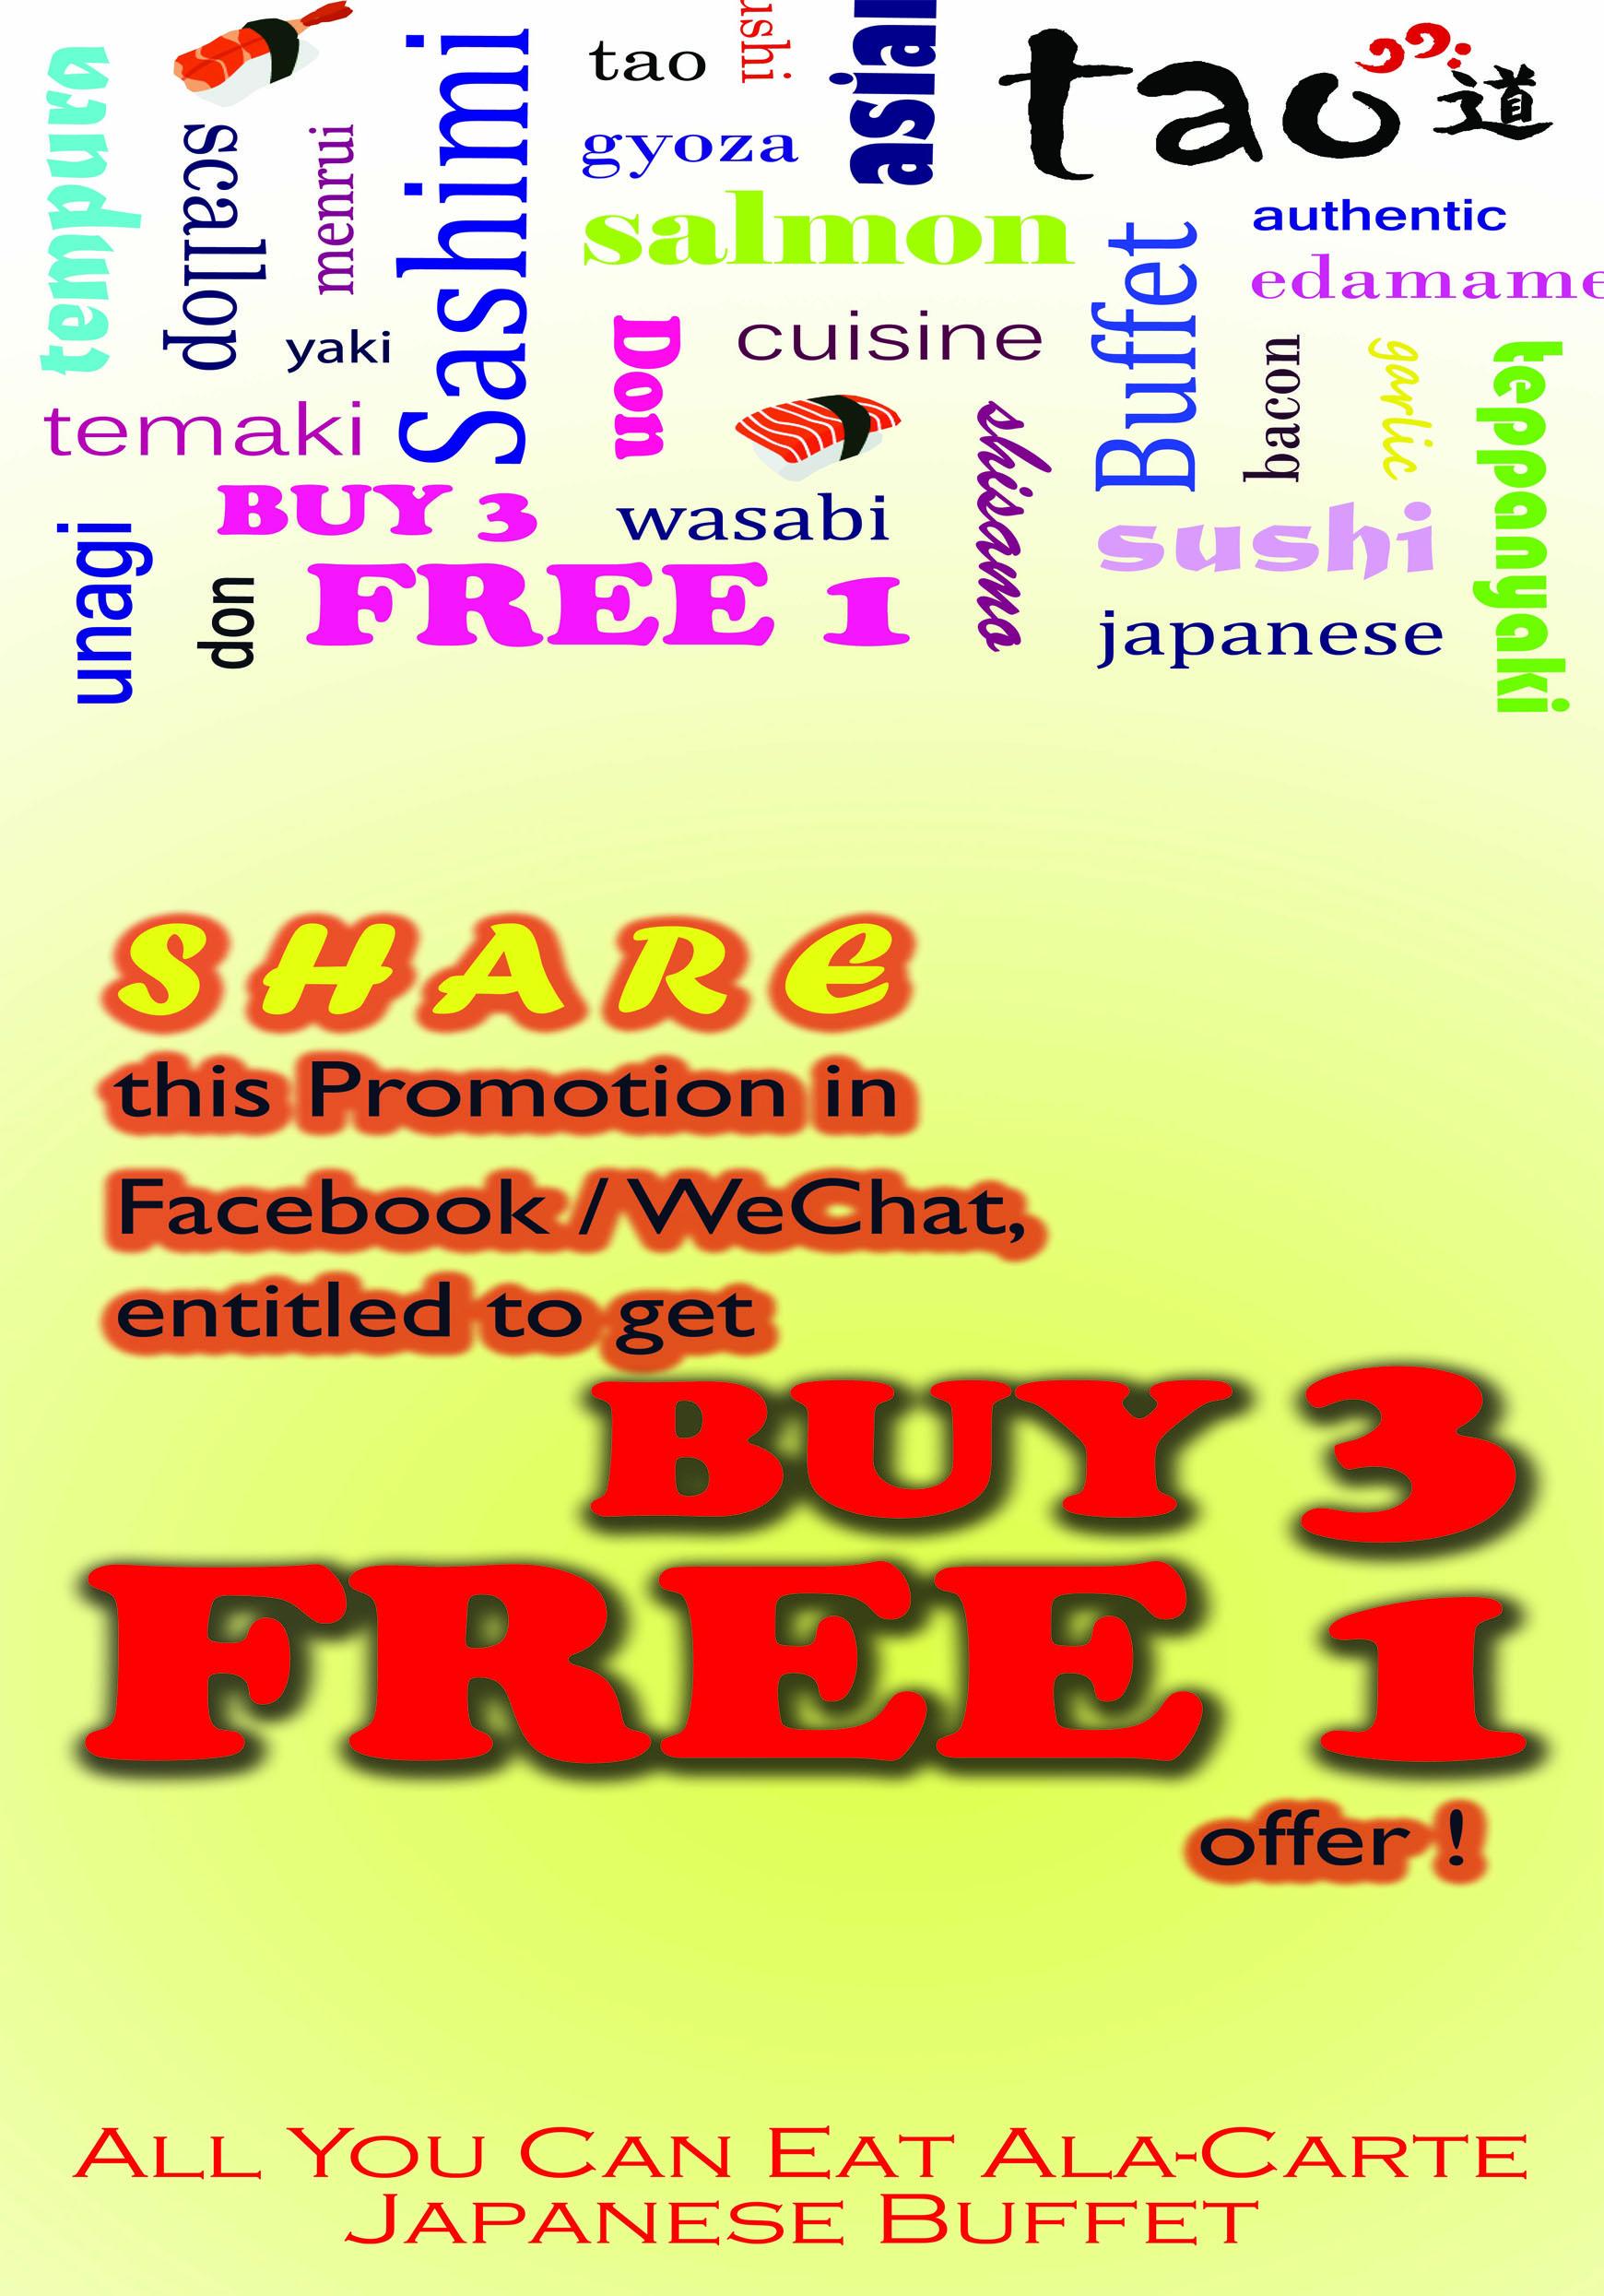 tao-cuisine - buy 3 free 1 offer